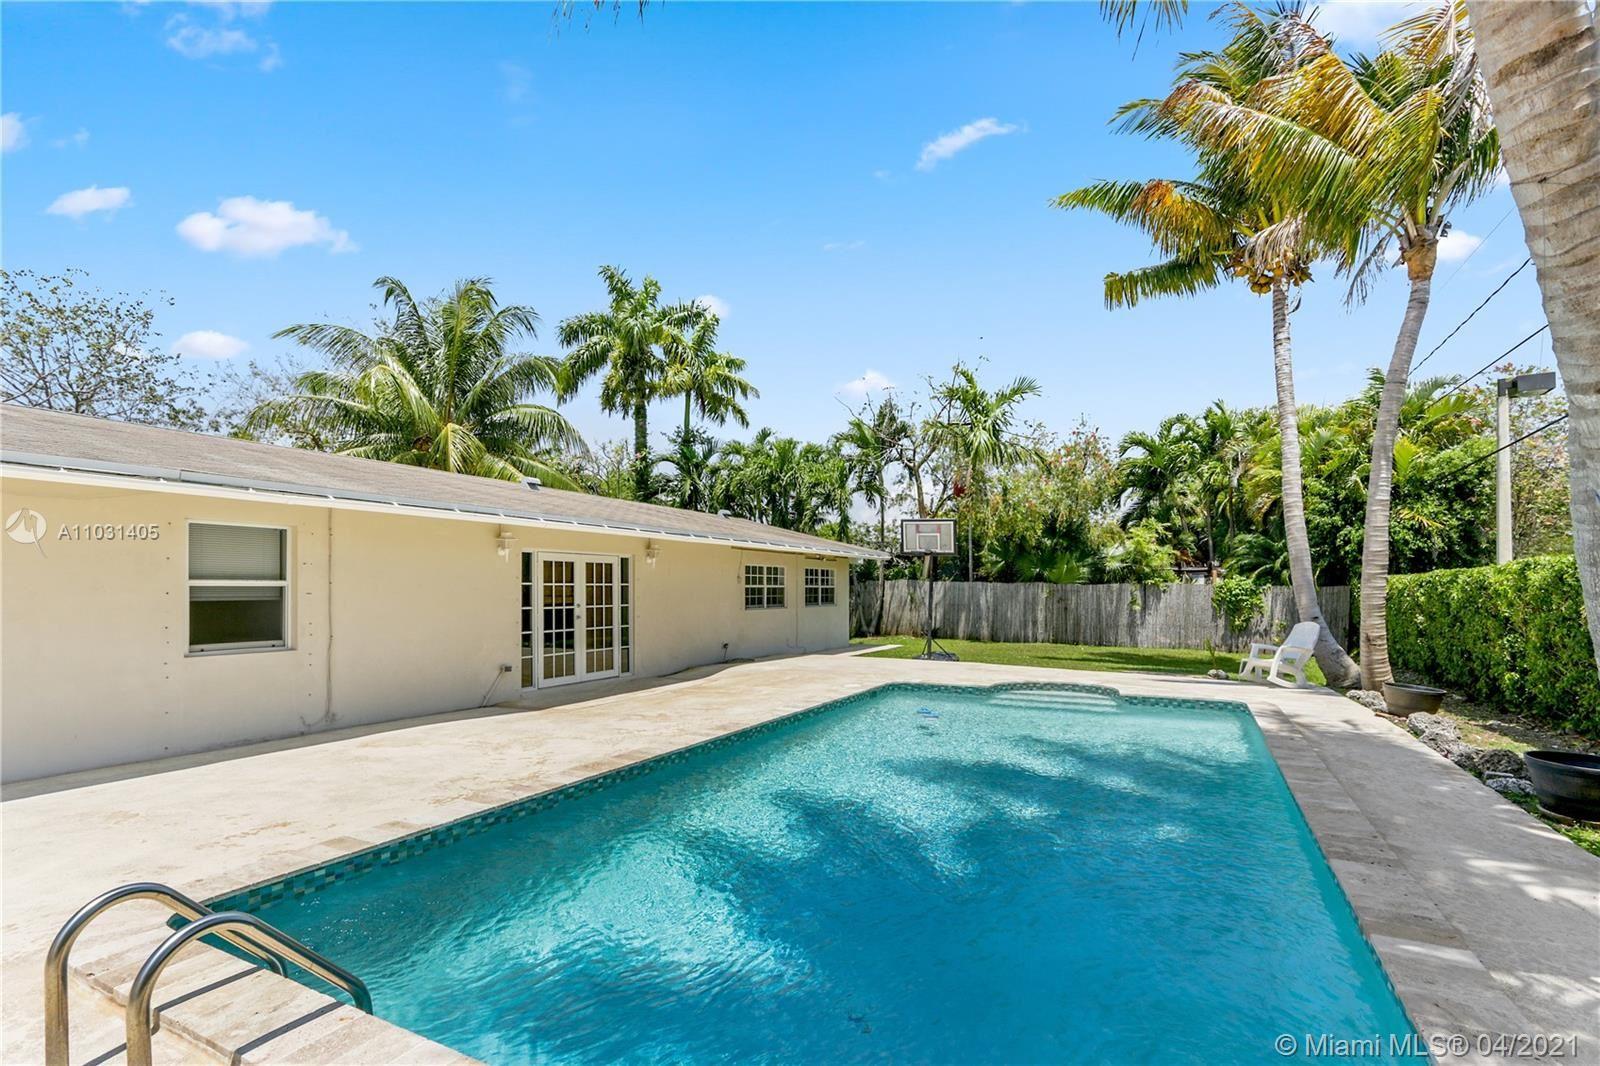 16035 SW 97th Ave, Miami, FL 33157 - #: A11031405